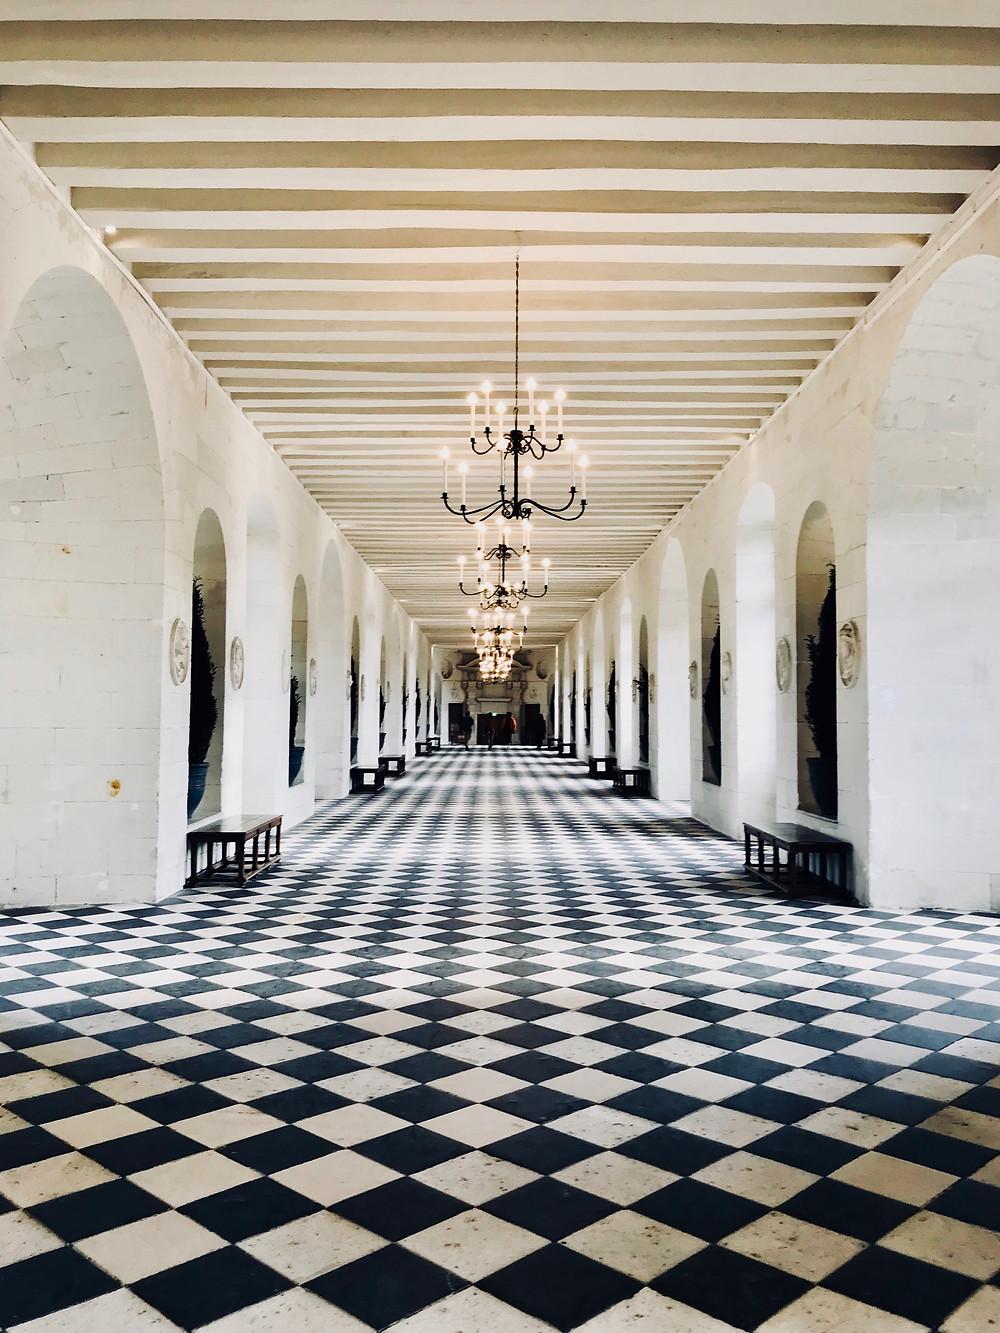 château-de-chenonceau-inside-arches